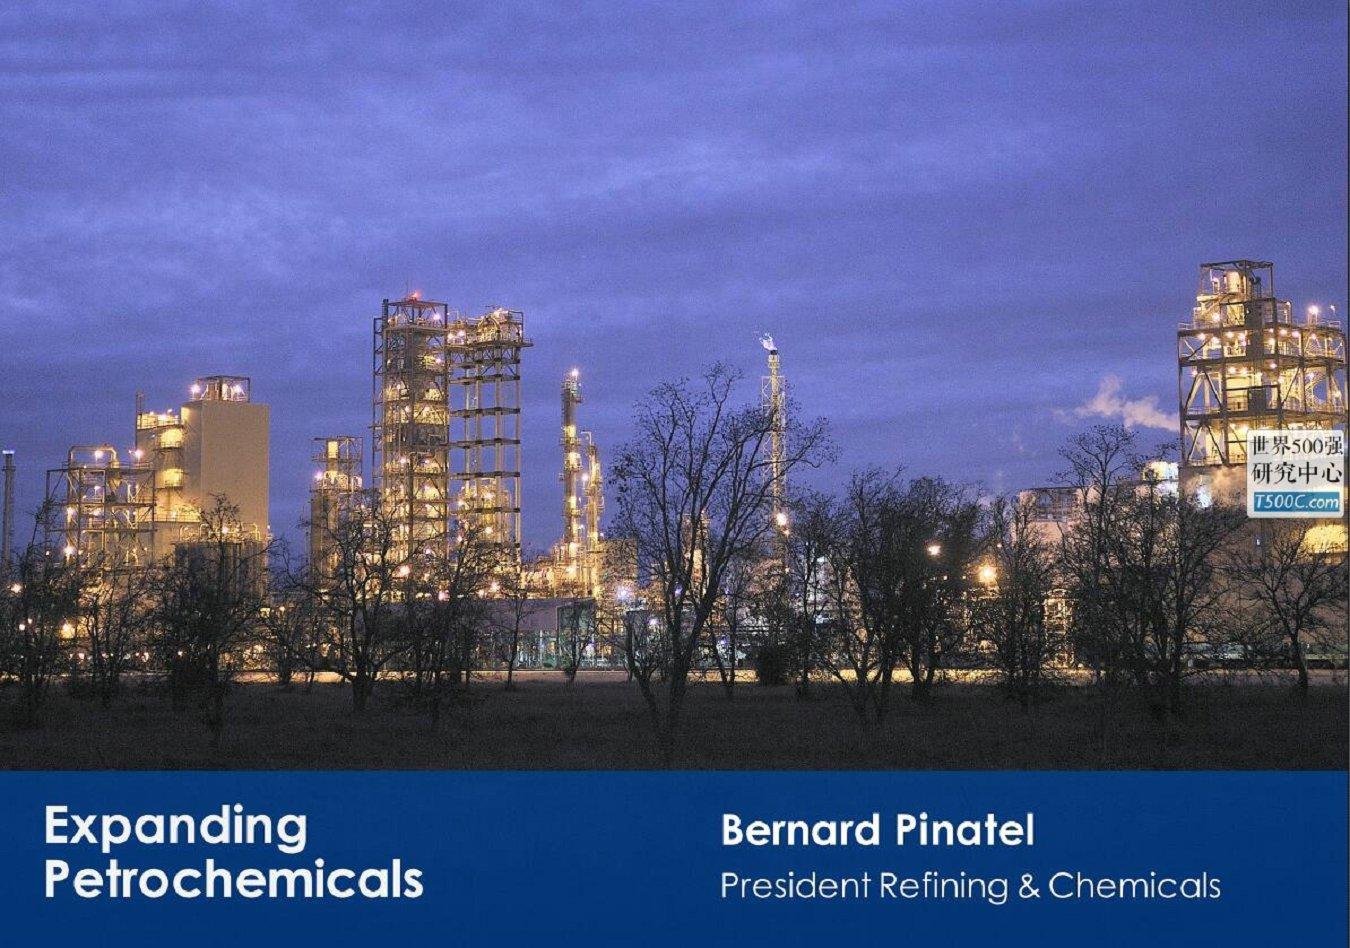 道达尔石油Total_PPT样式_2018_T500C.com_expanding petrochemicals.pdf